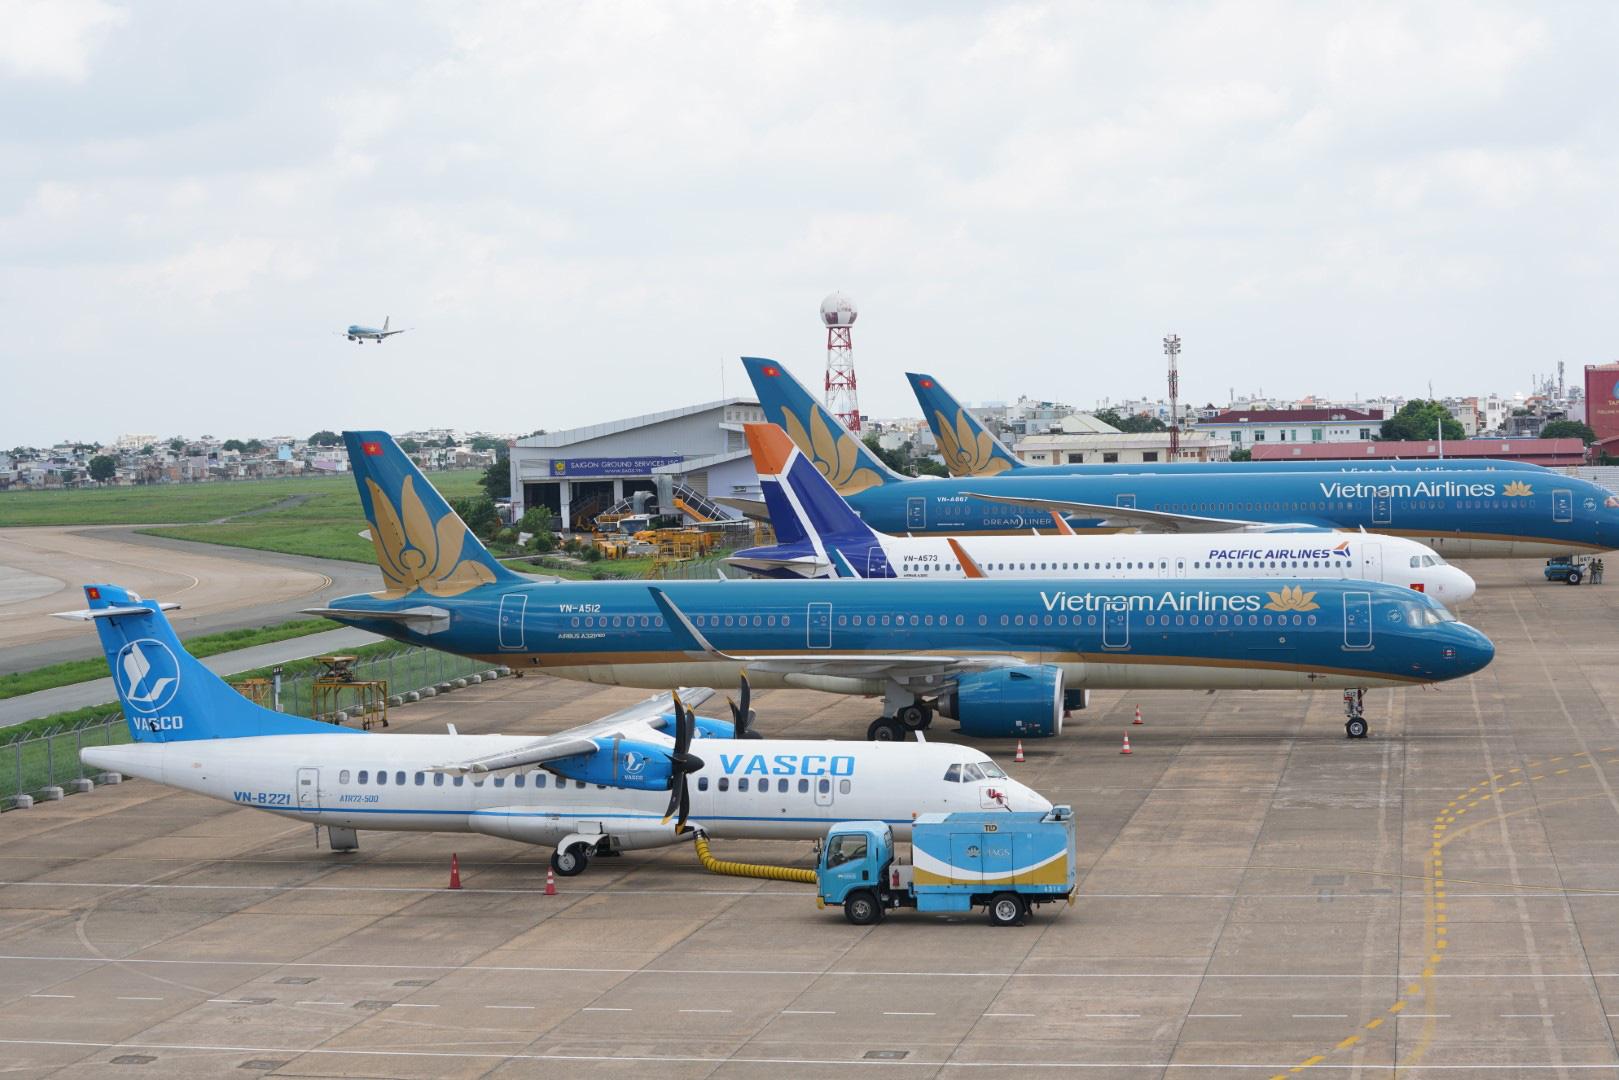 Hàng không ồ ạt mở đường bay đến Phú Quốc, tăng chuyến đón khách đi du lịch lễ 30/4 - 1/5 - Ảnh 3.